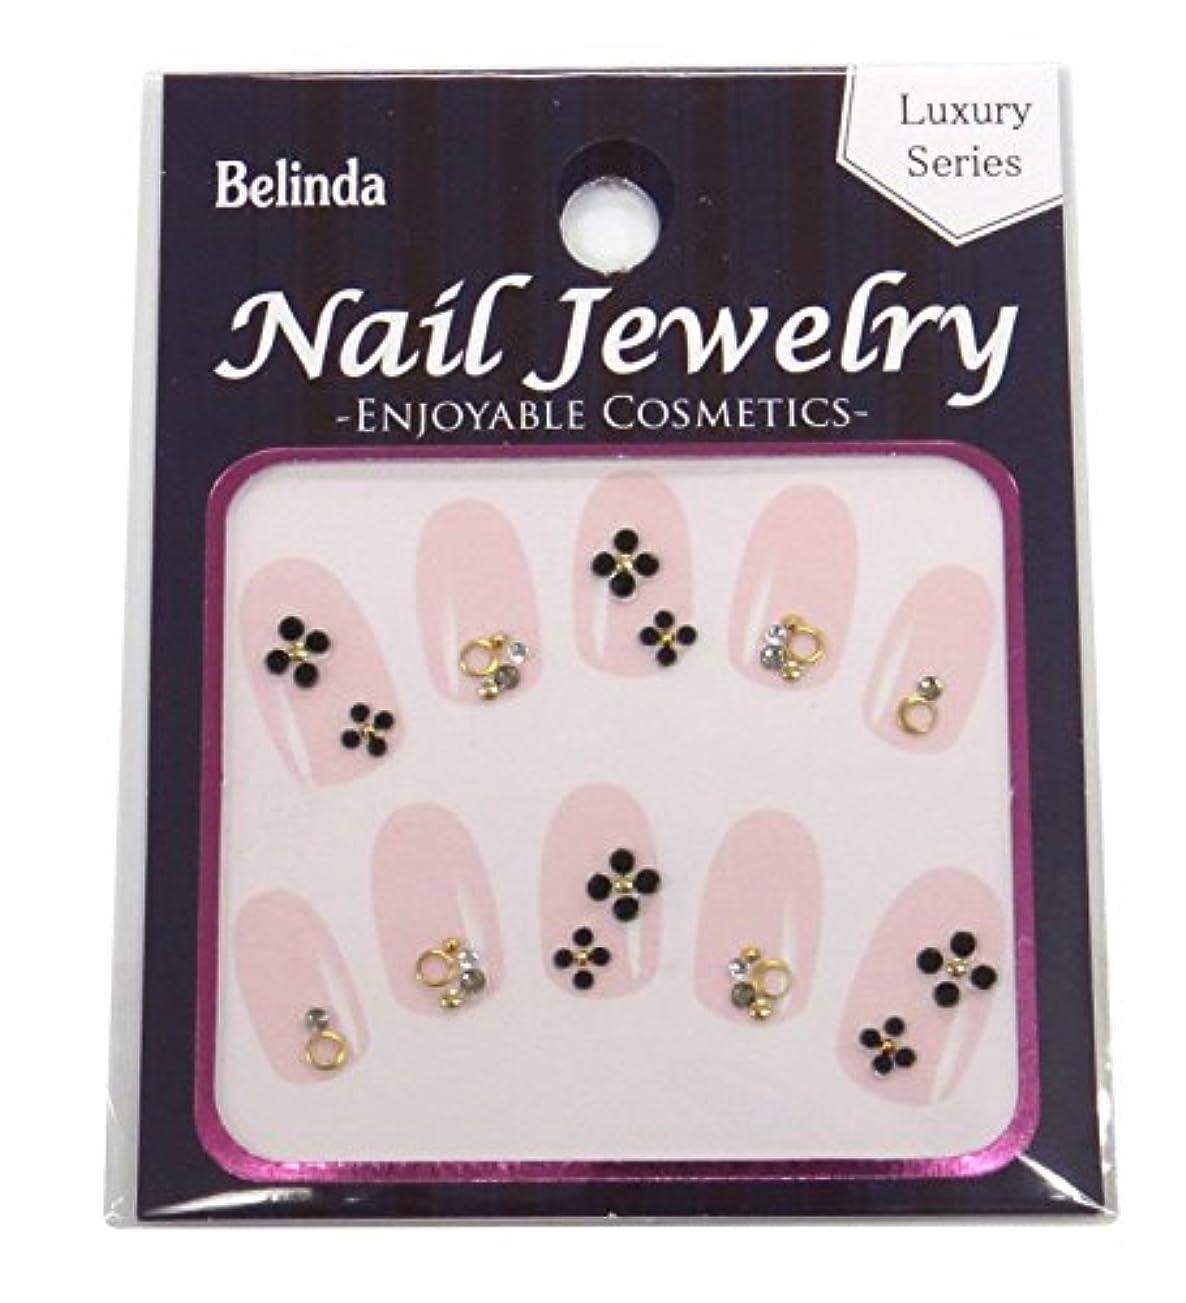 何故なのコードレスジェームズダイソンBelinda Nail Jewels No.678